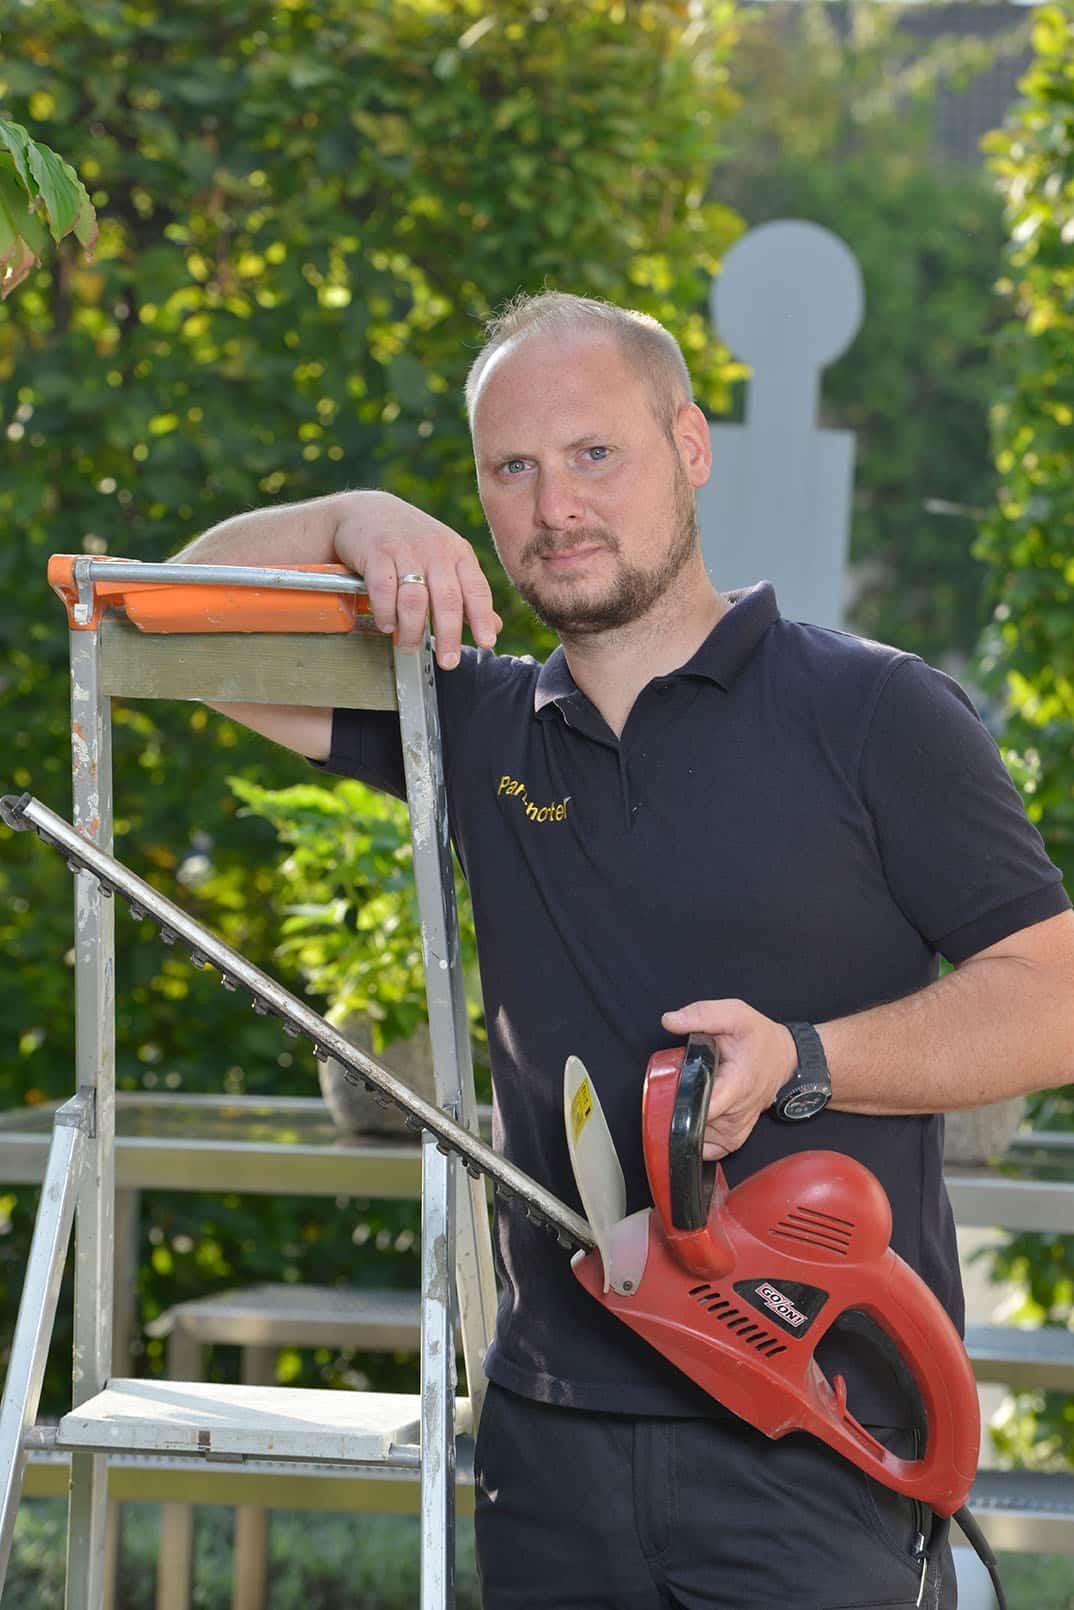 Handwerker mit Leiter und Heckenschere